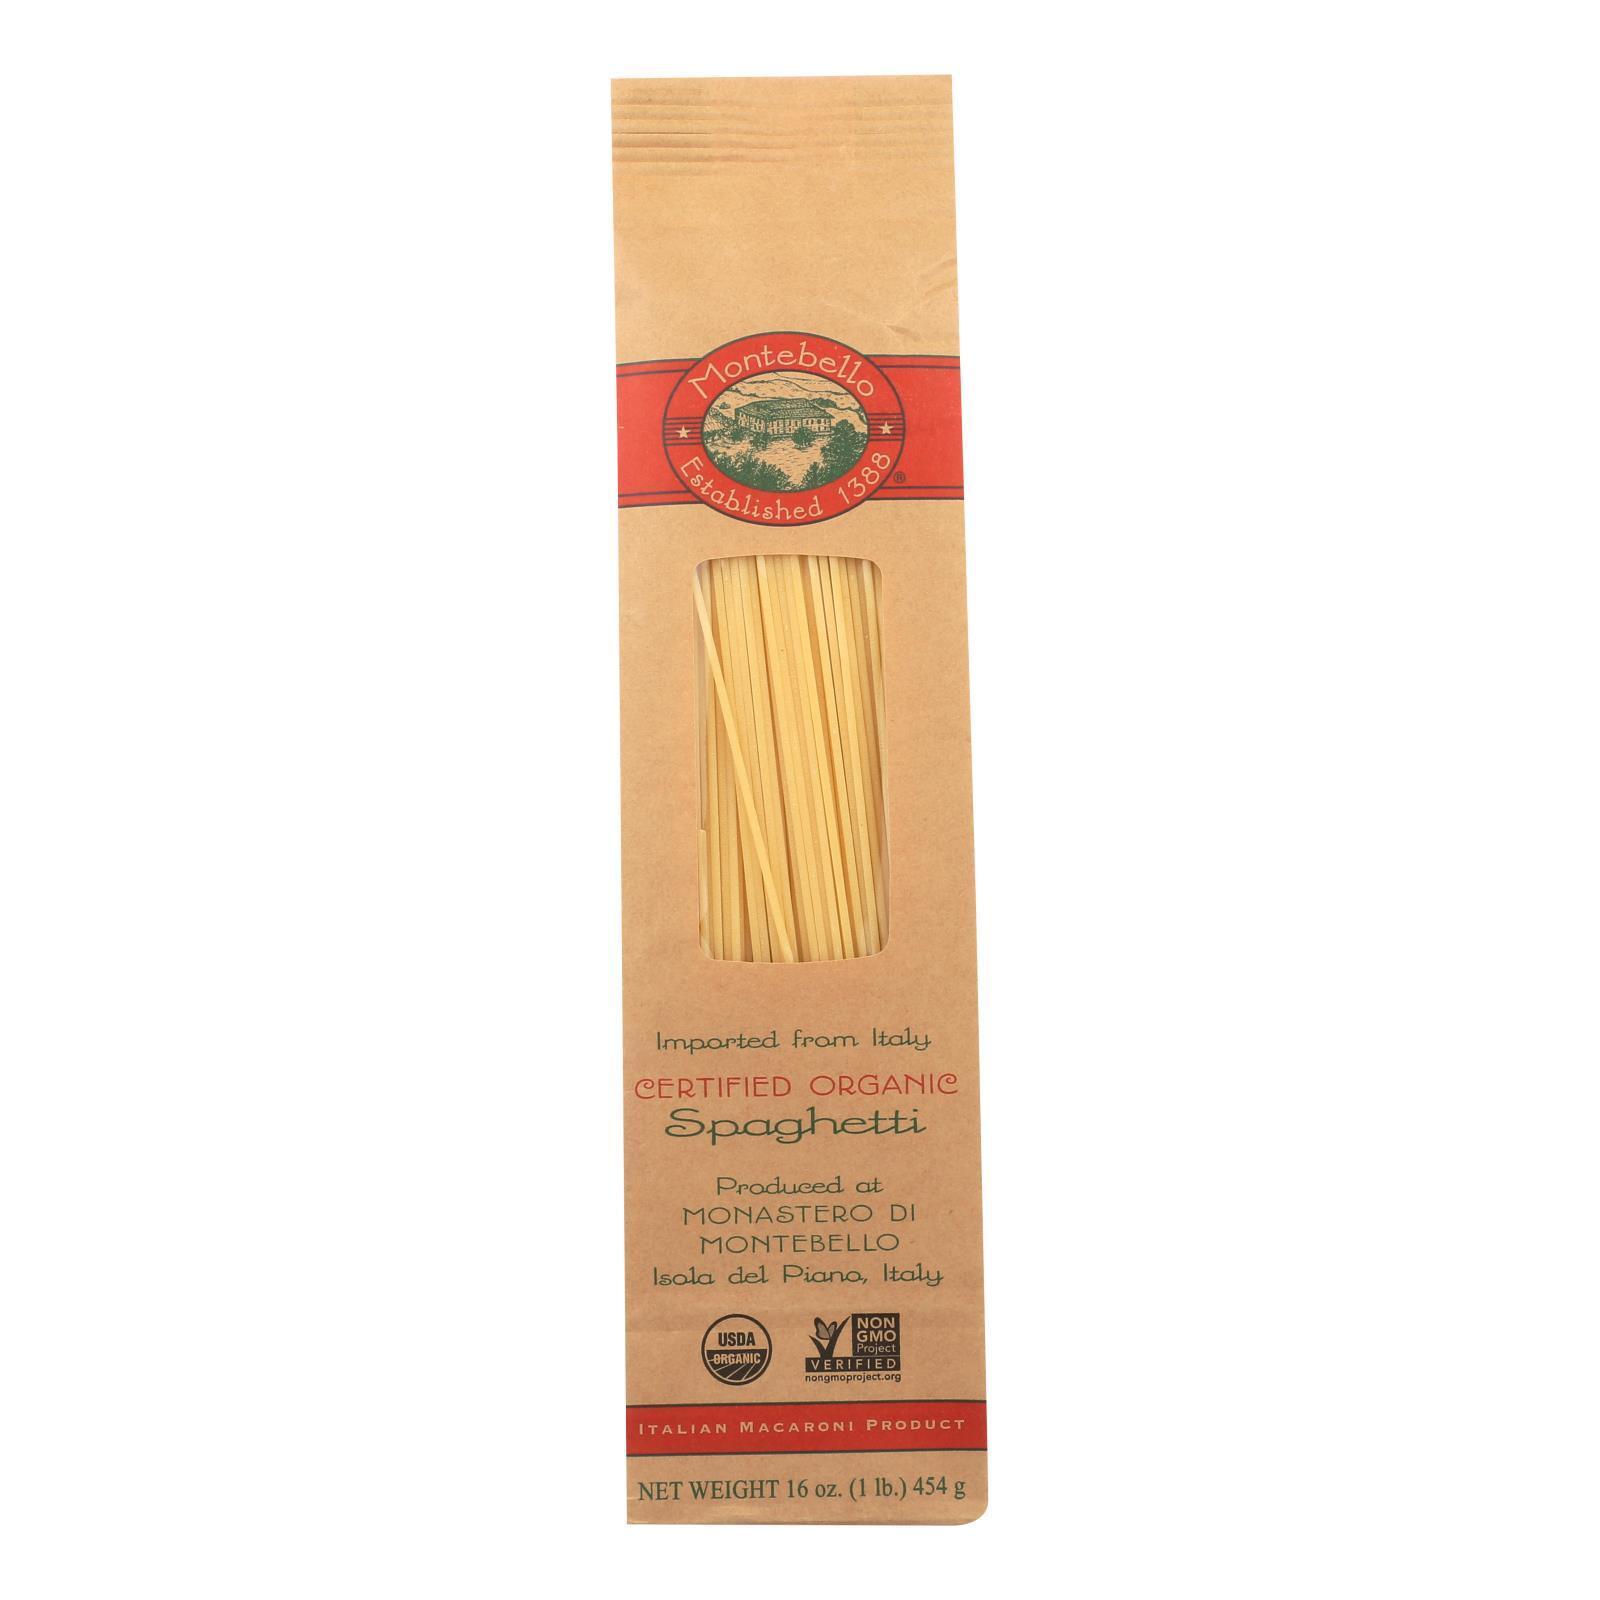 Montebello Organic Pasta - Spaghetti - Case of 12 - 1 lb.